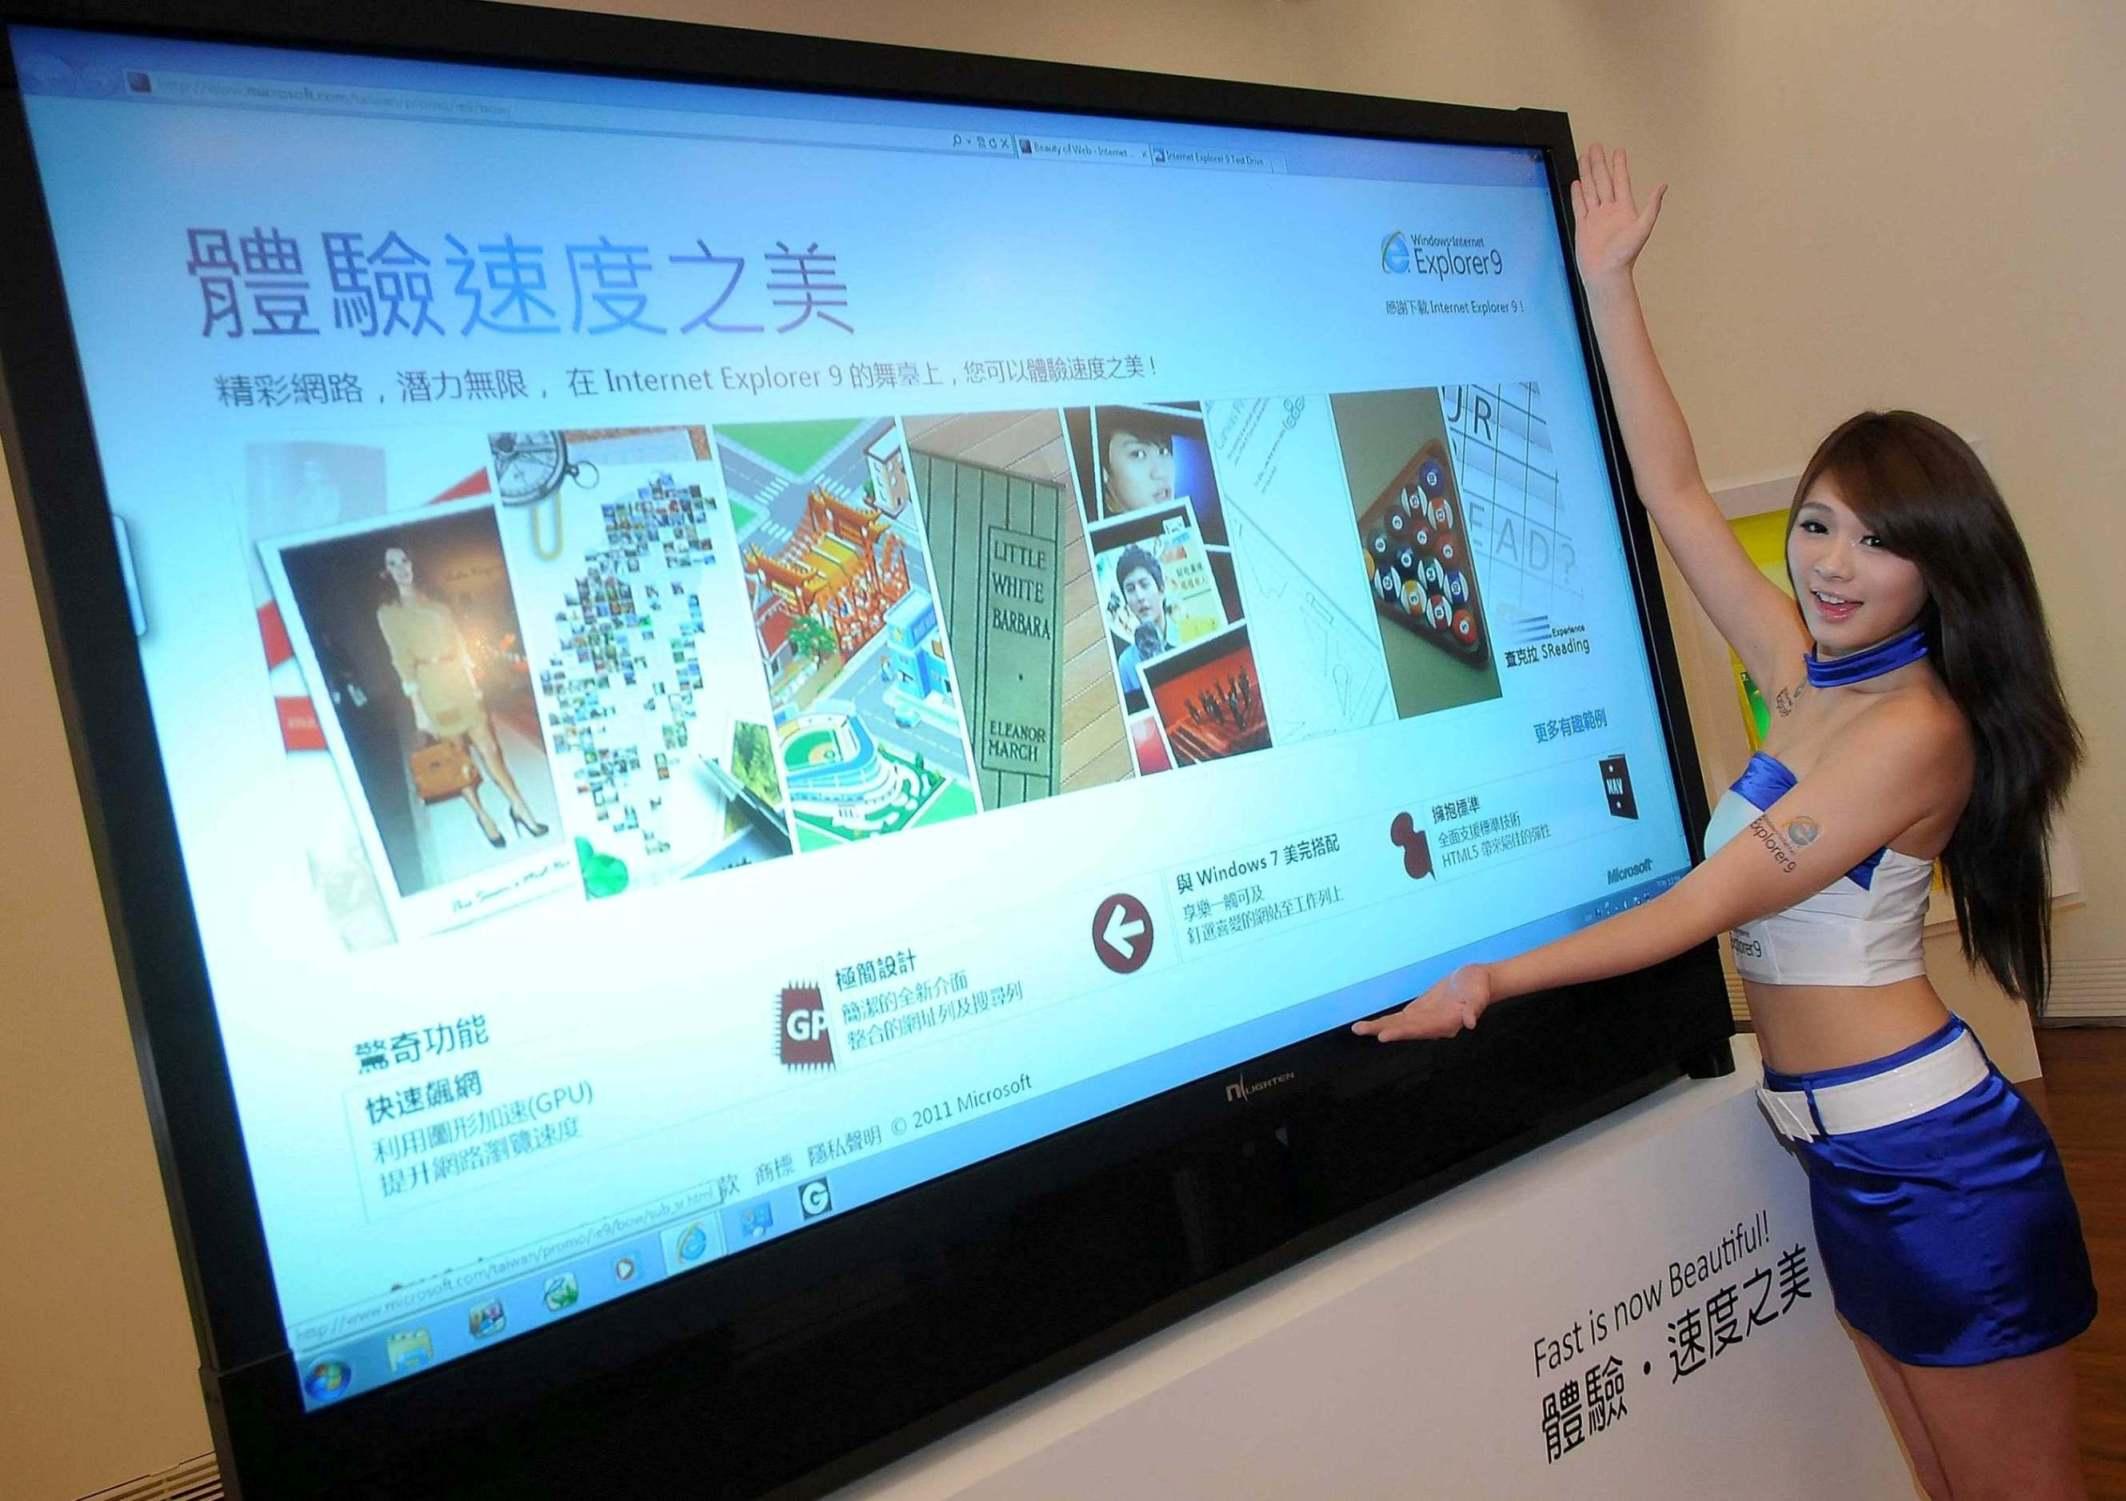 台灣微軟特別舉辦「即刻下載IE9,體驗速度之美」活動